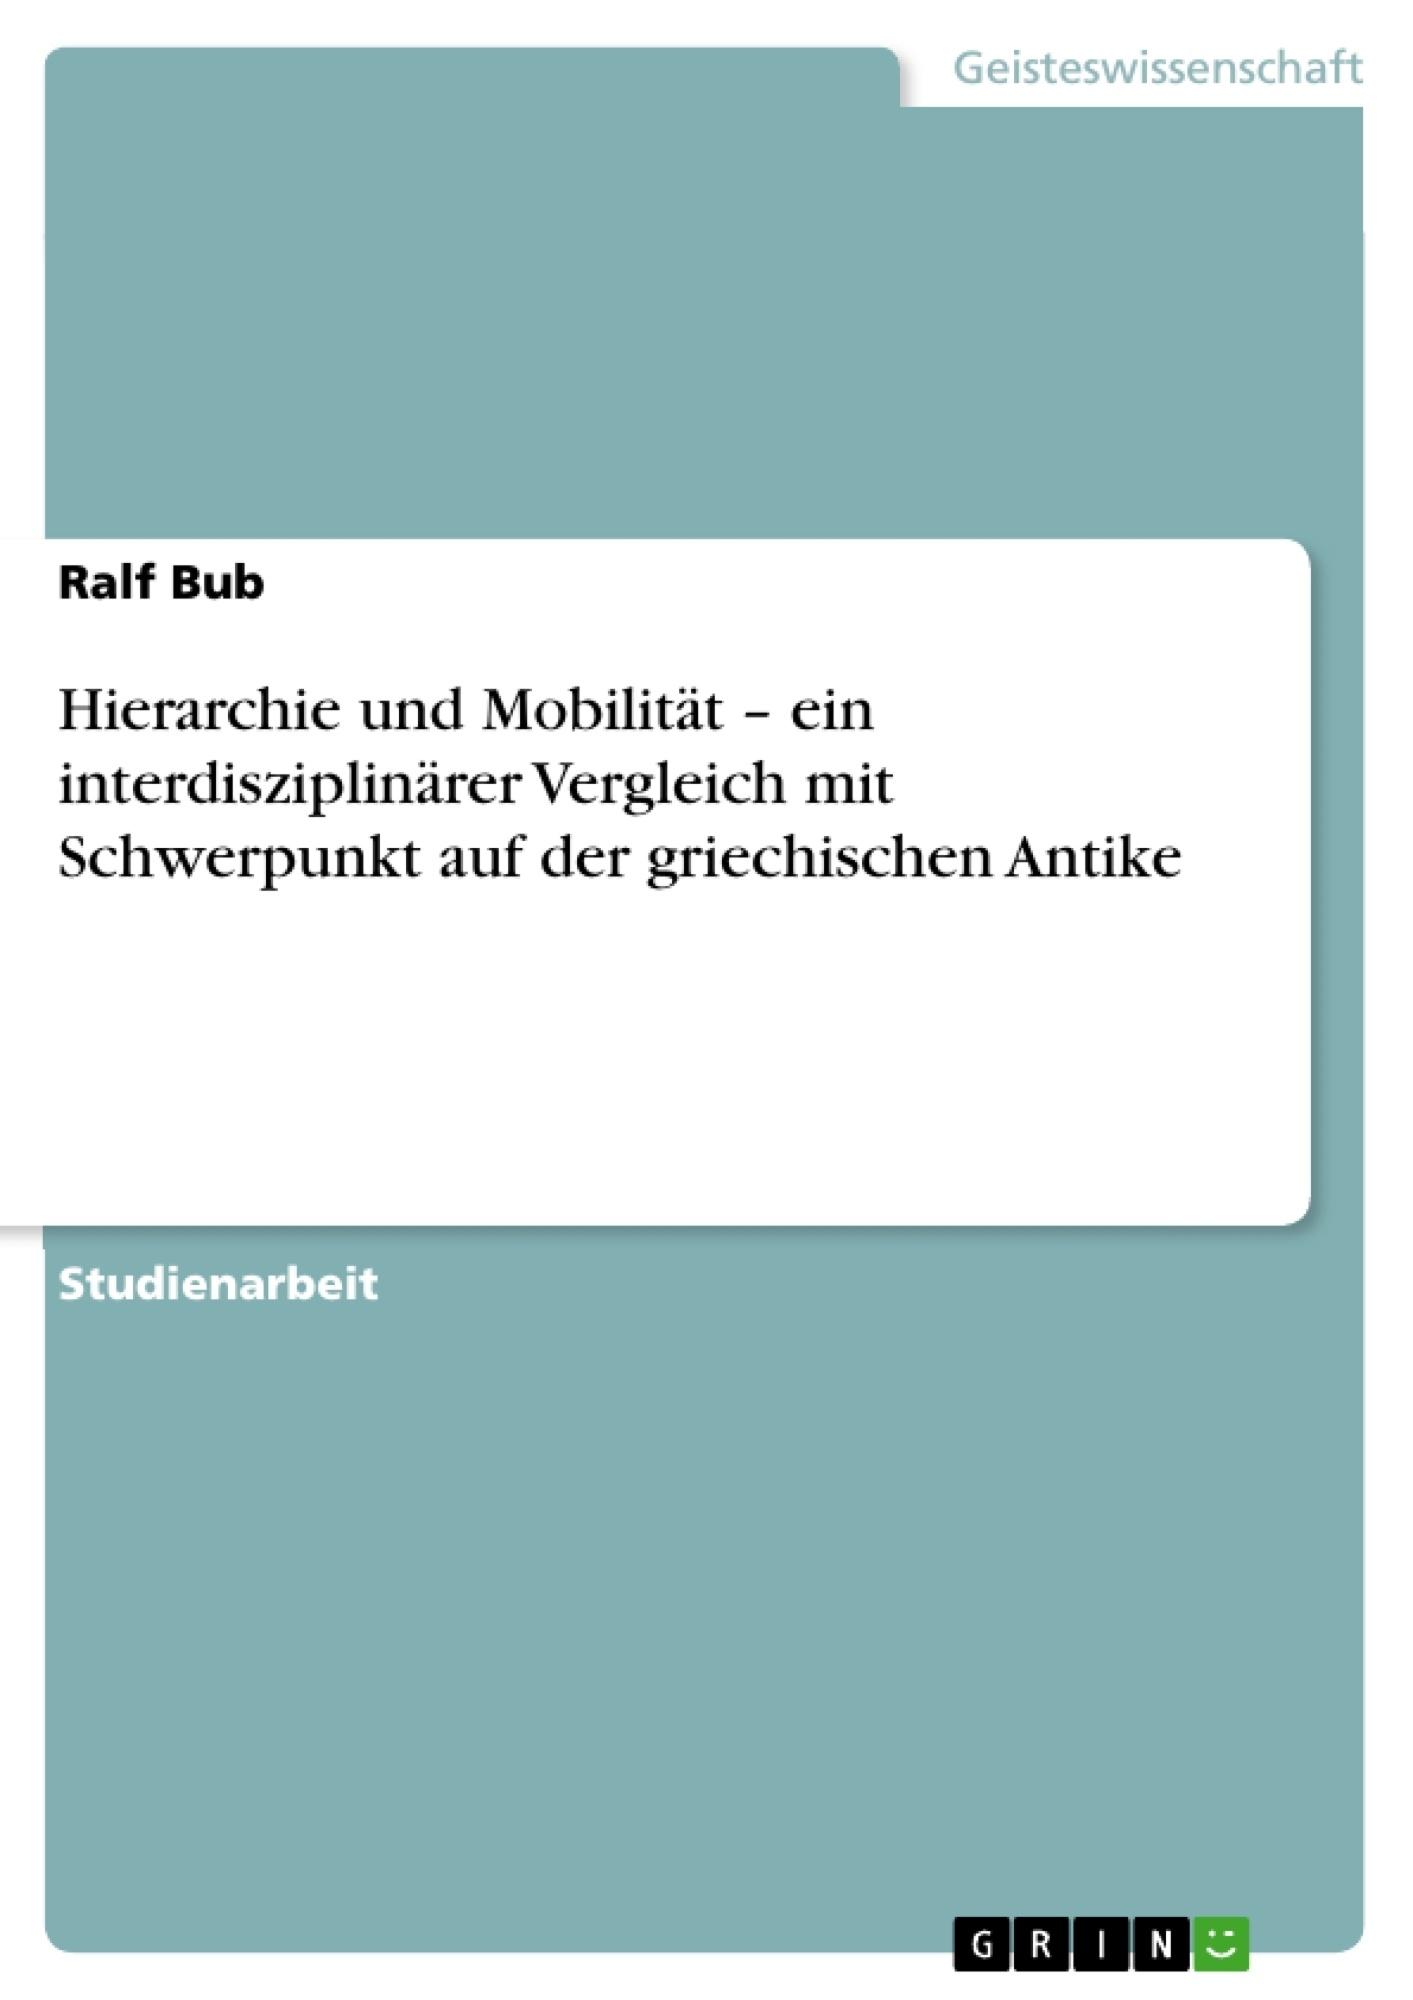 Titel: Hierarchie und Mobilität – ein interdisziplinärer Vergleich mit Schwerpunkt auf der griechischen Antike